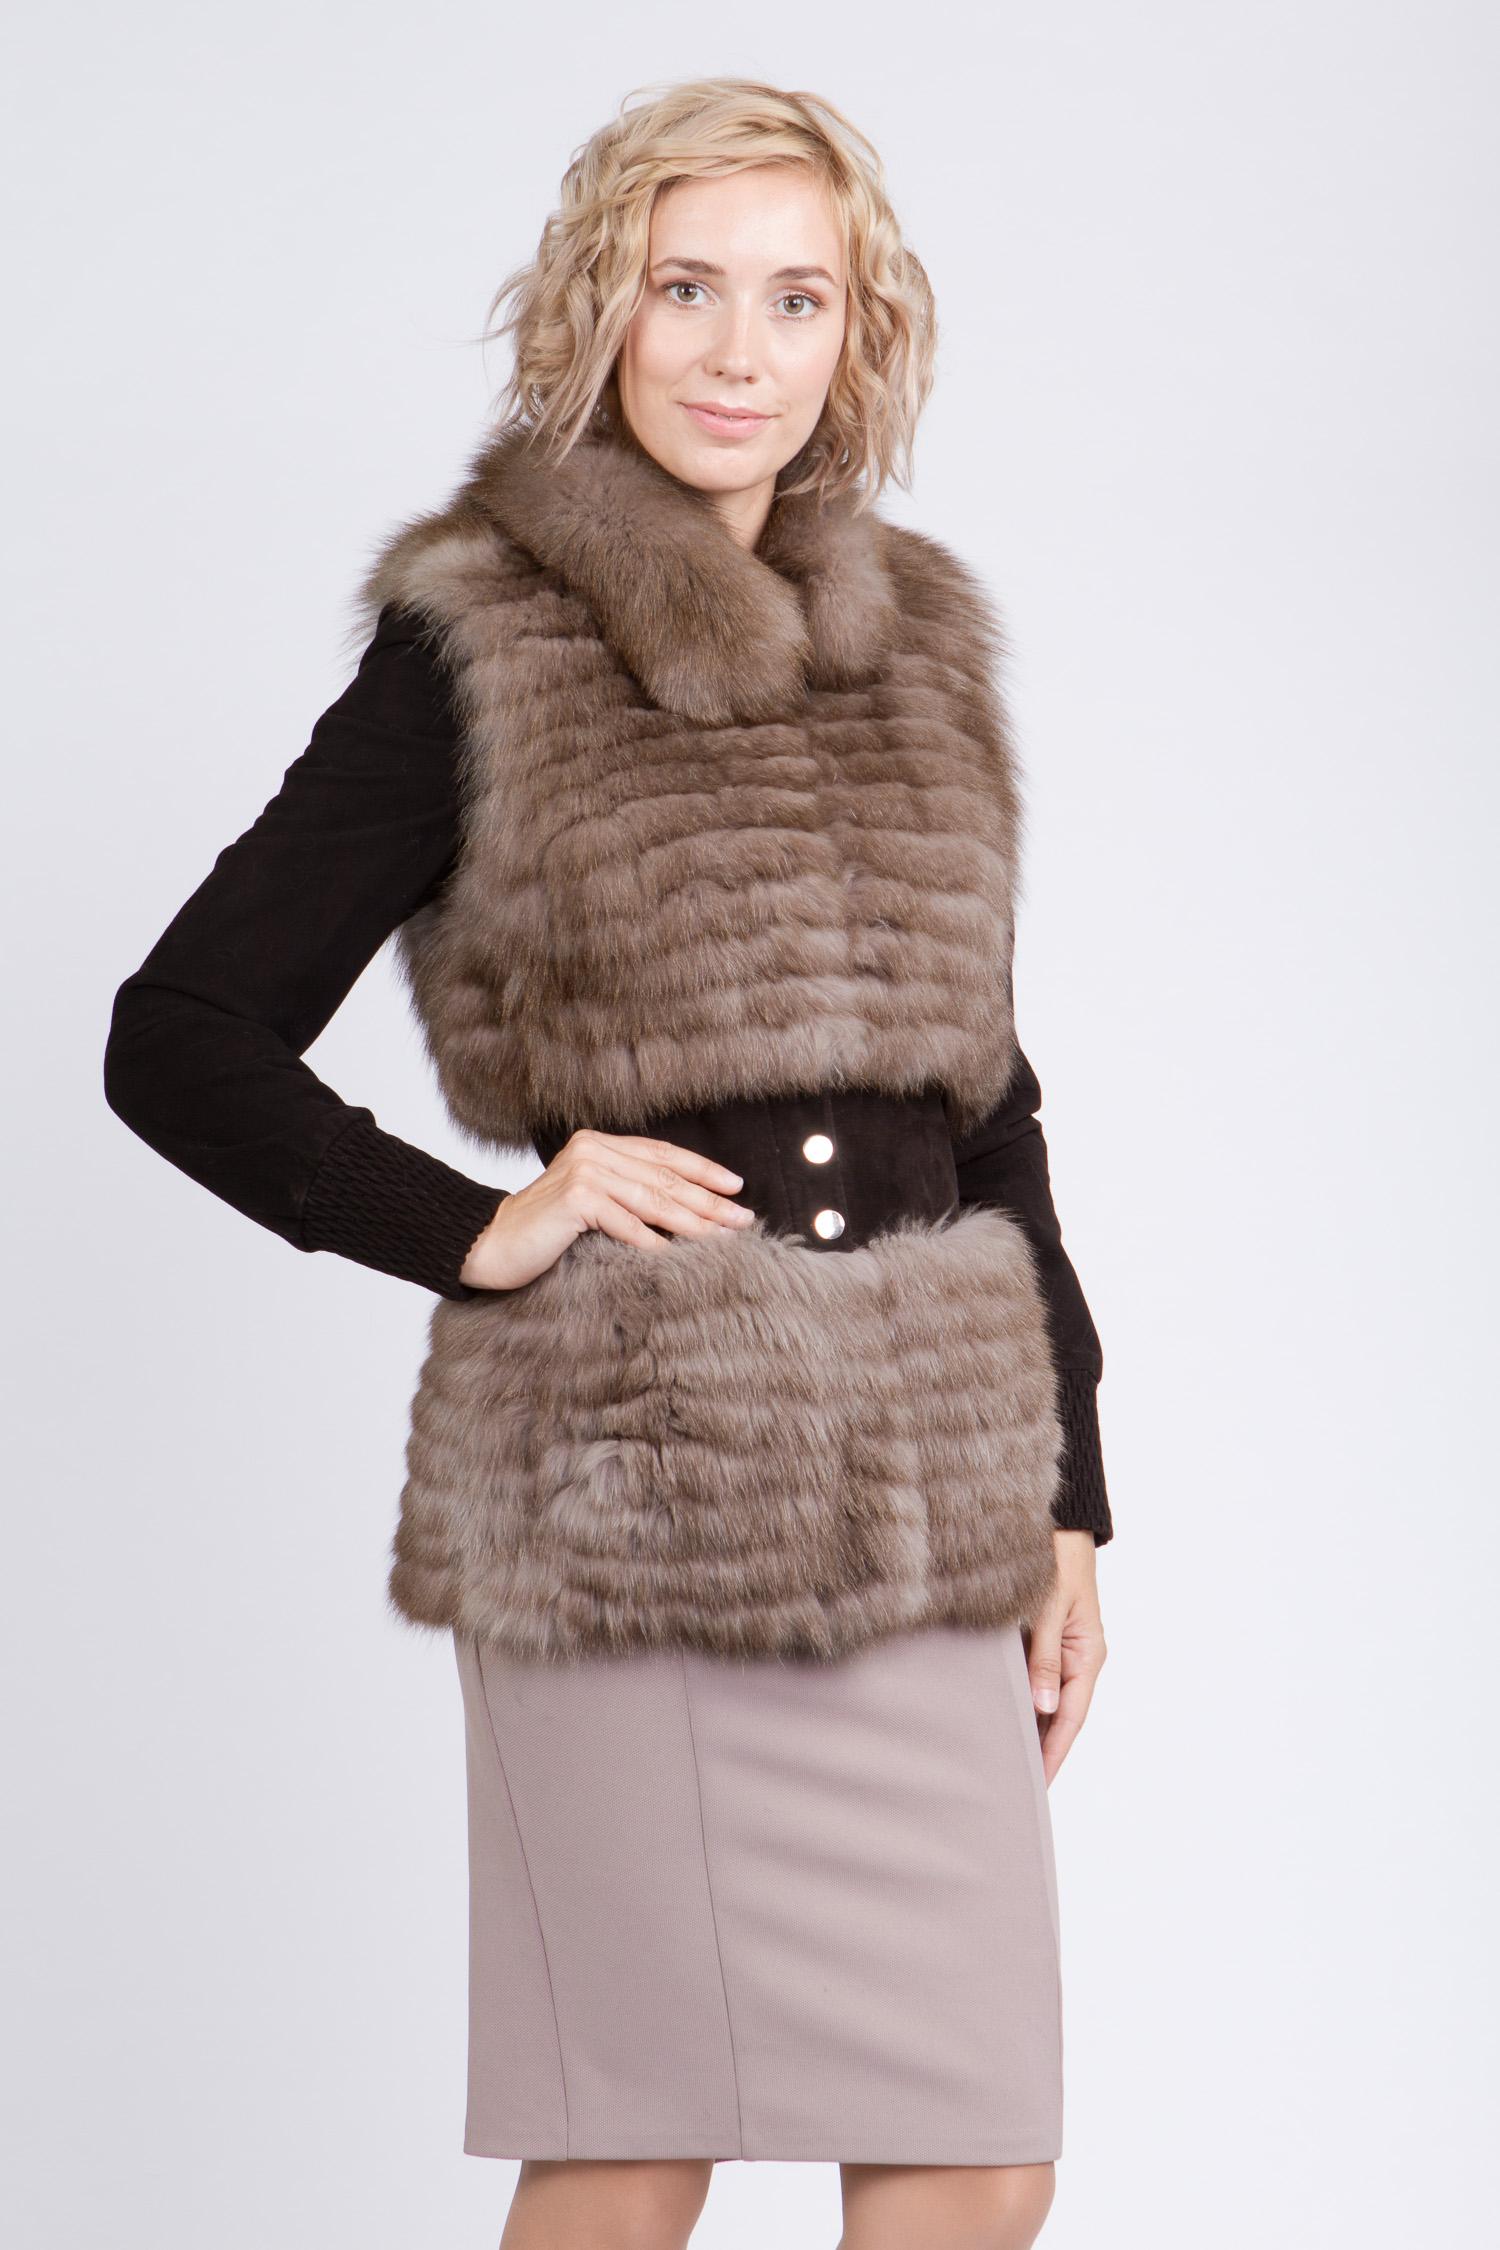 Женская кожаная куртка из натуральной кожи с воротником, отделка песец